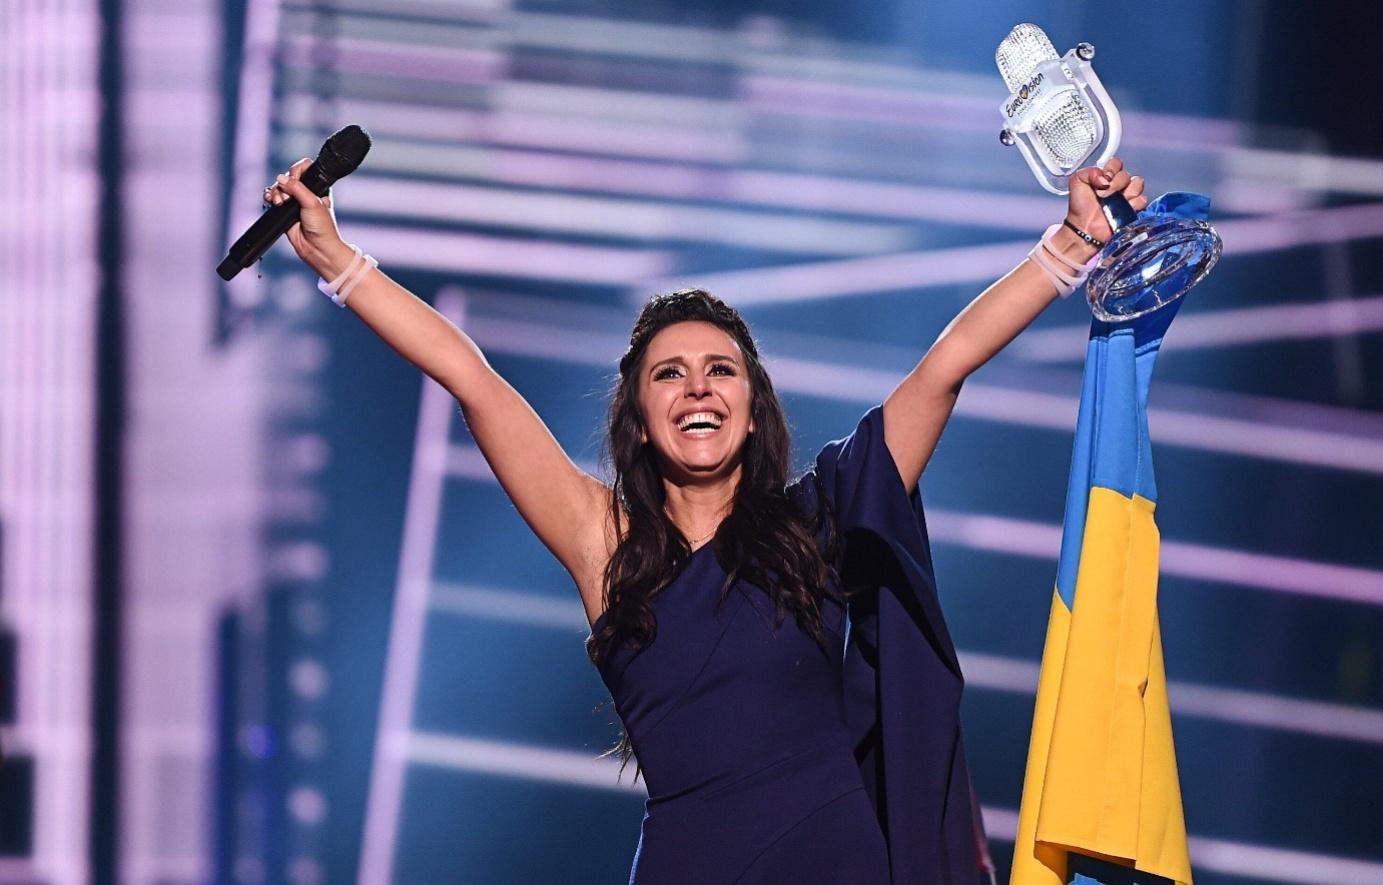 Джамала перемогла на «Євробаченні» у 2016 році з піснею про тяжку долю кримських татарів